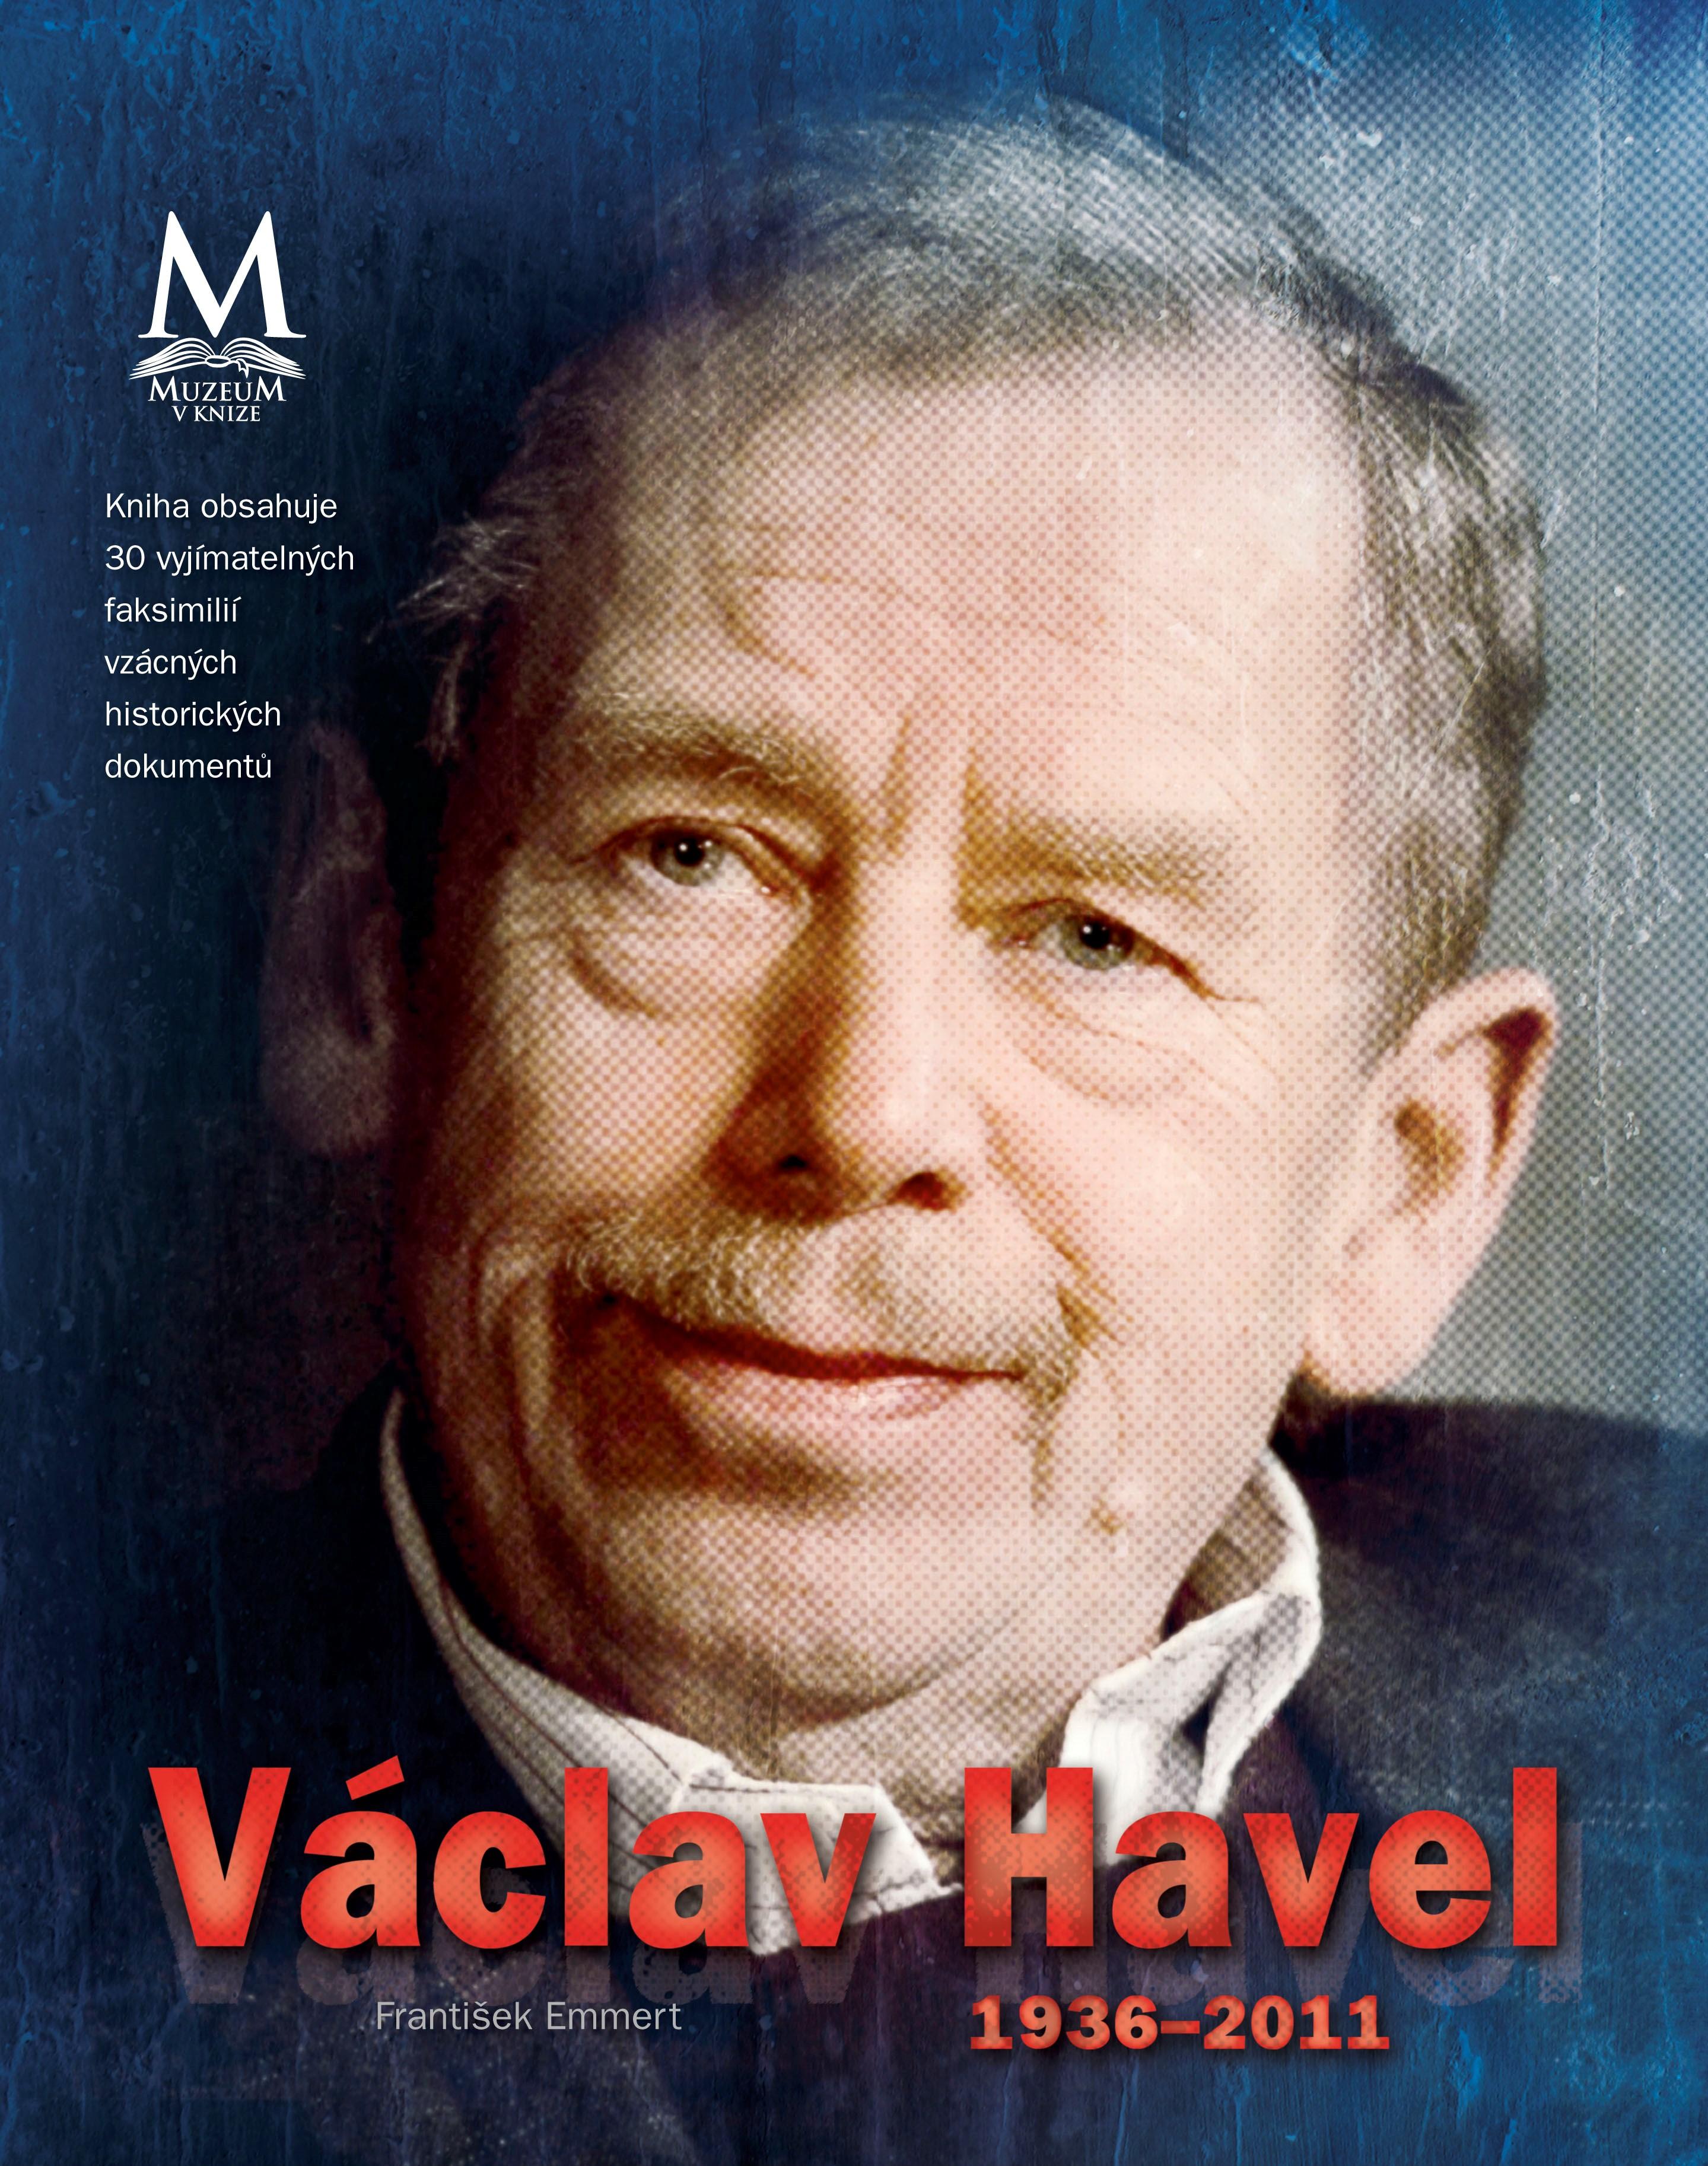 Václav Havel - muzeum v knize | František Emmert